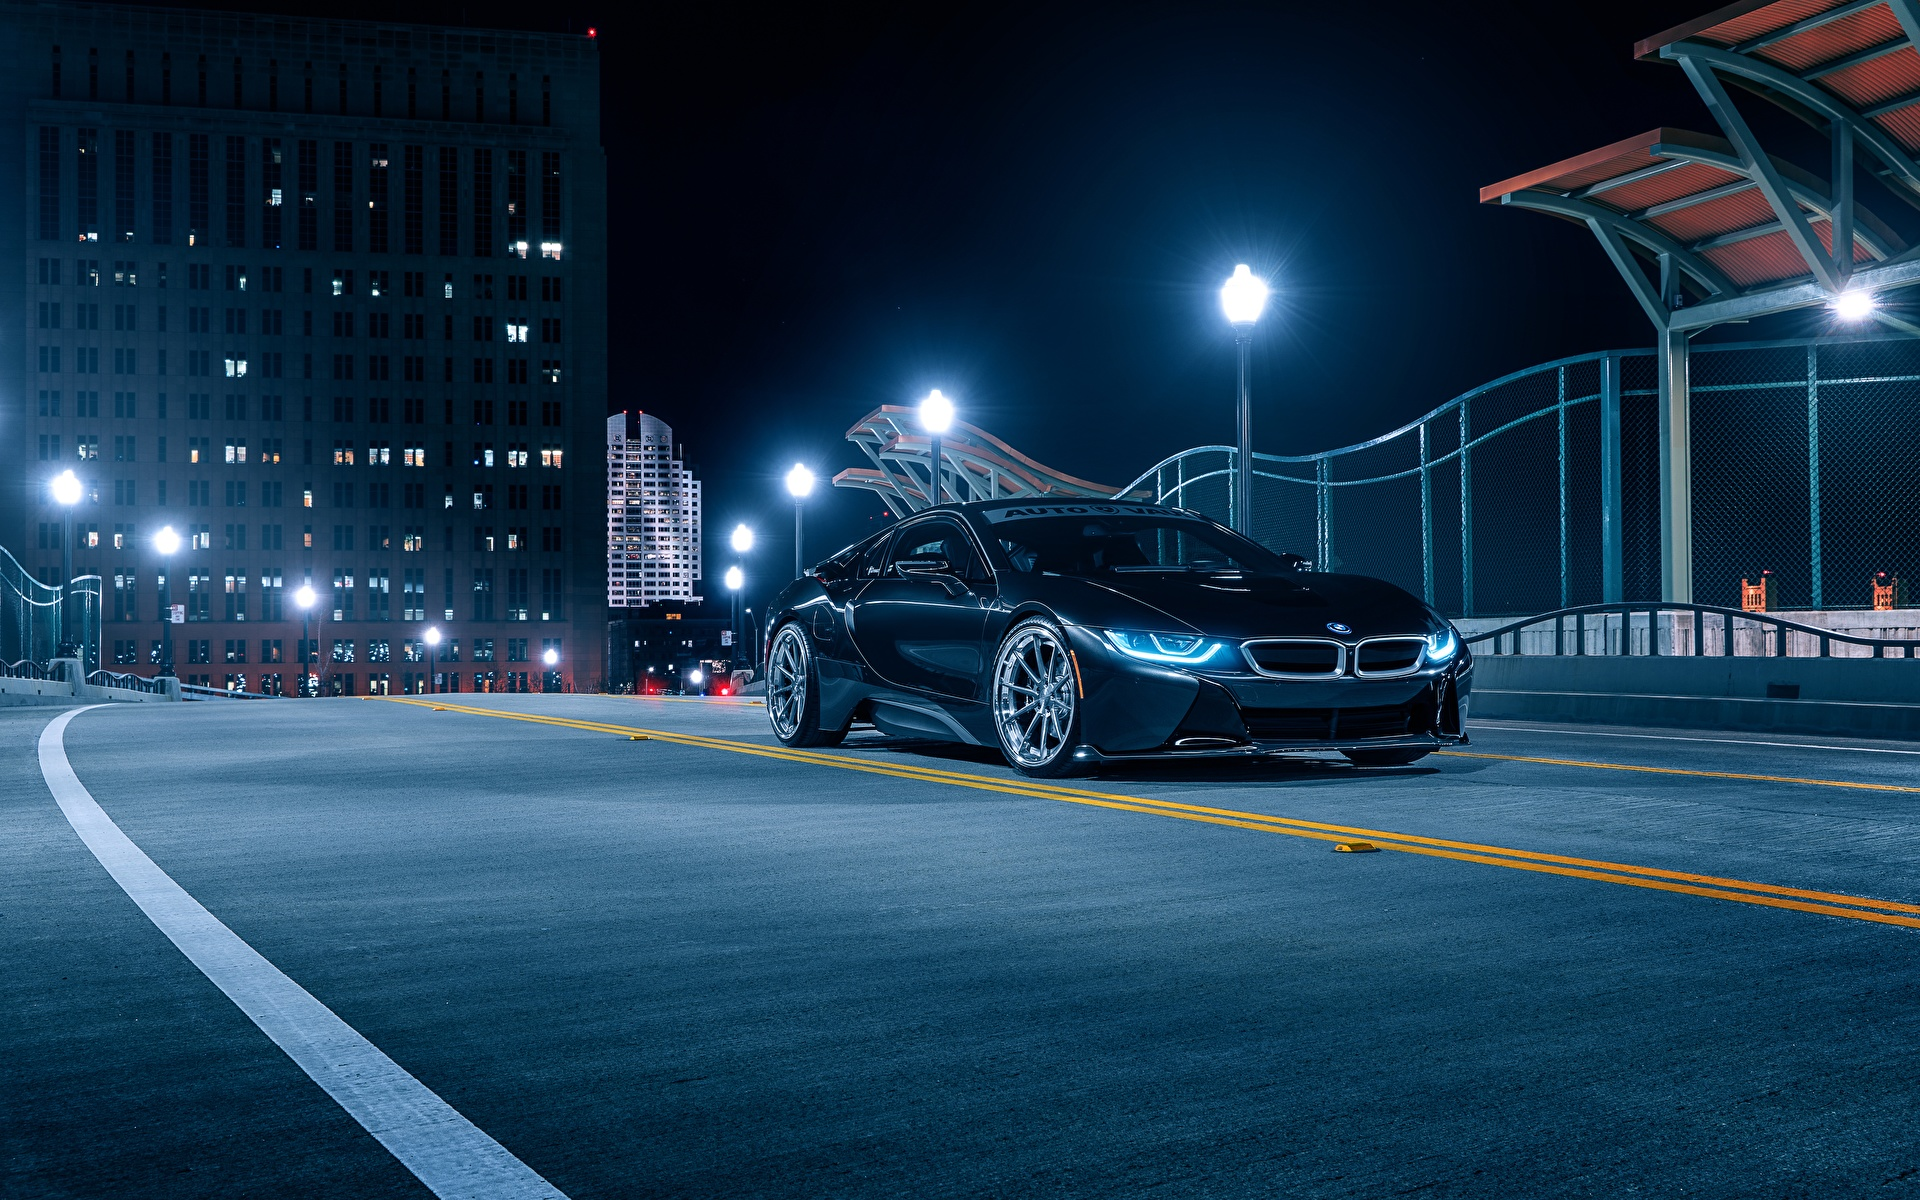 Обои для рабочего стола BMW Aristo, i8 черная Ночь авто 1920x1200 БМВ Черный черные черных ночью в ночи Ночные машины машина Автомобили автомобиль